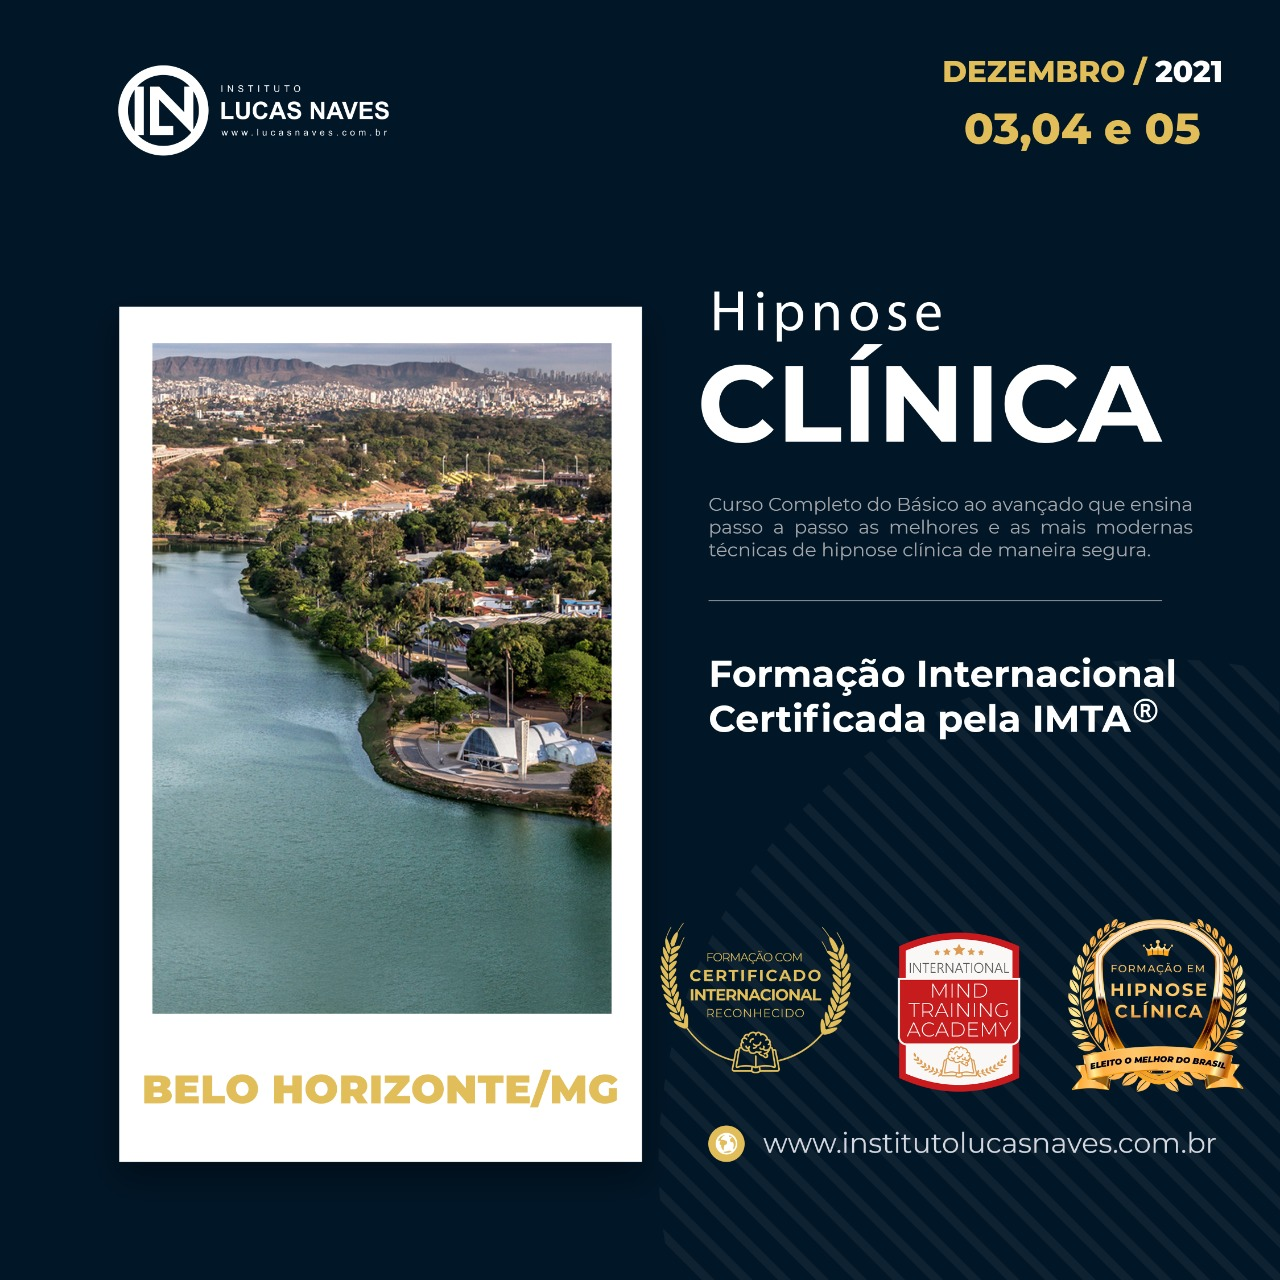 Formação Internacional em Hipnose Clínica / Belo Horizonte